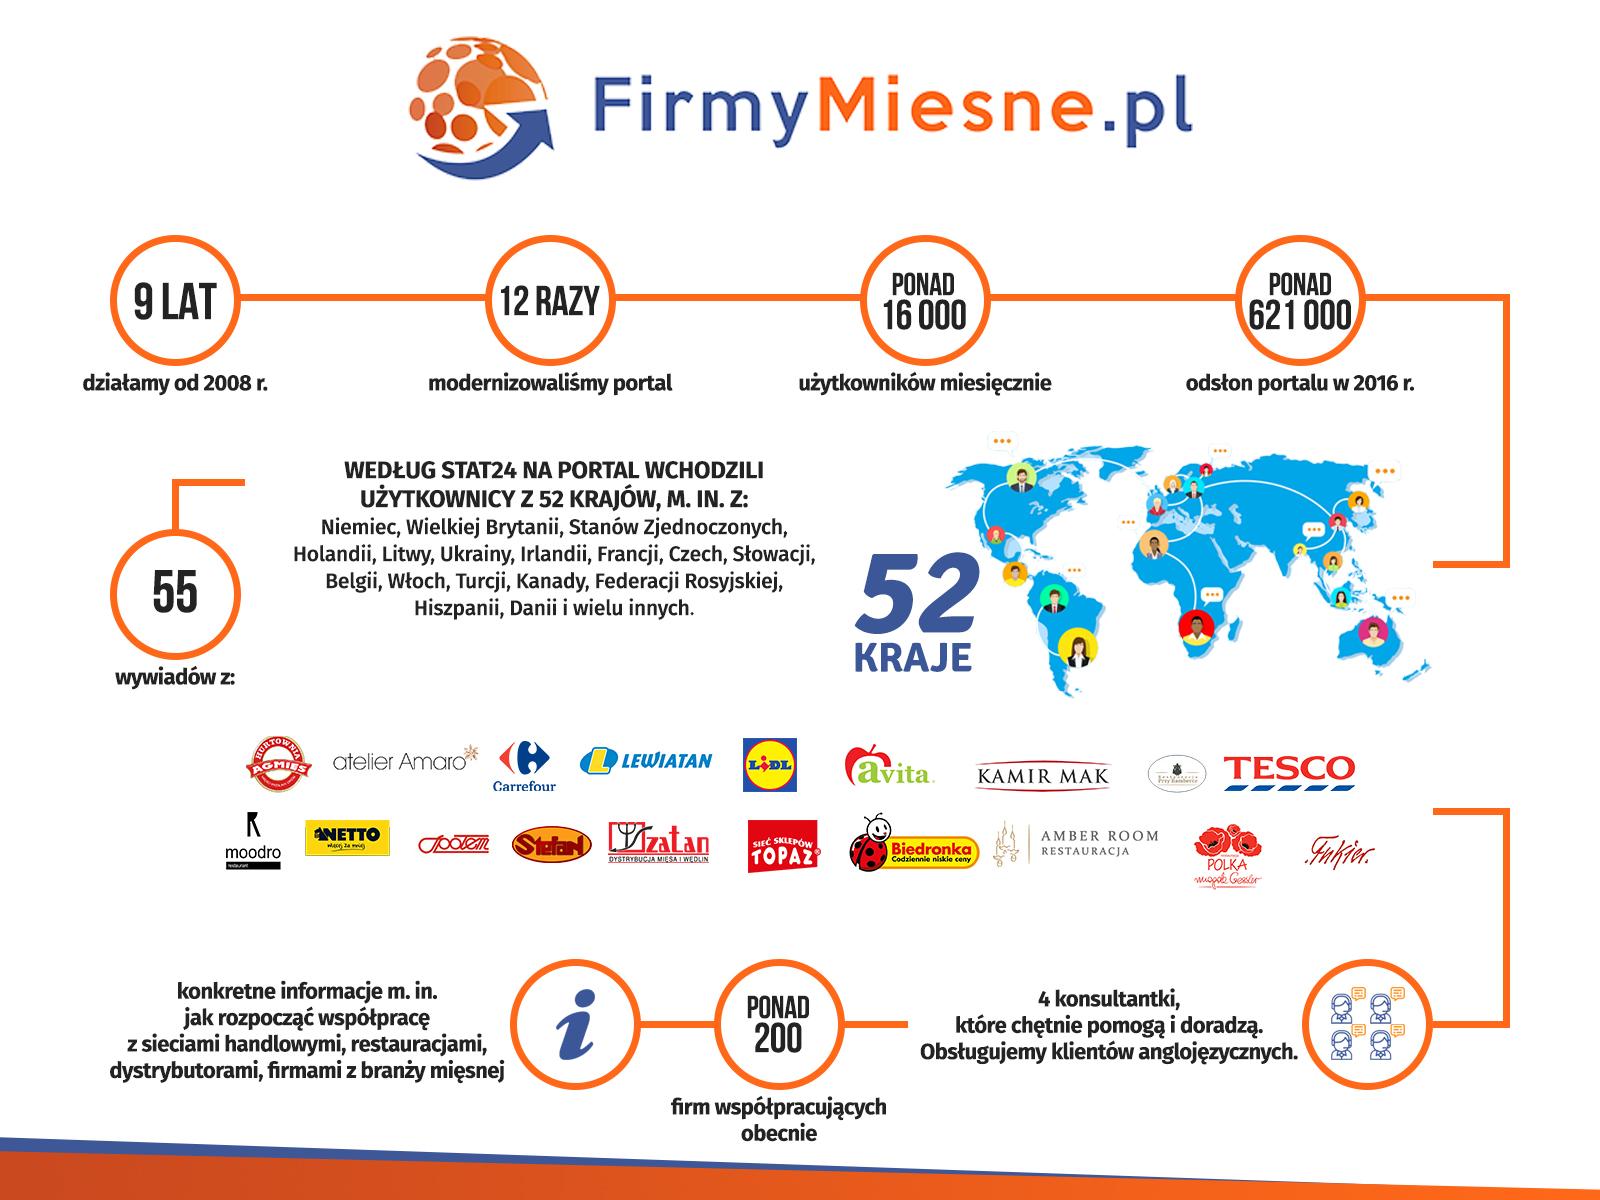 reklama firmymiesne.pl